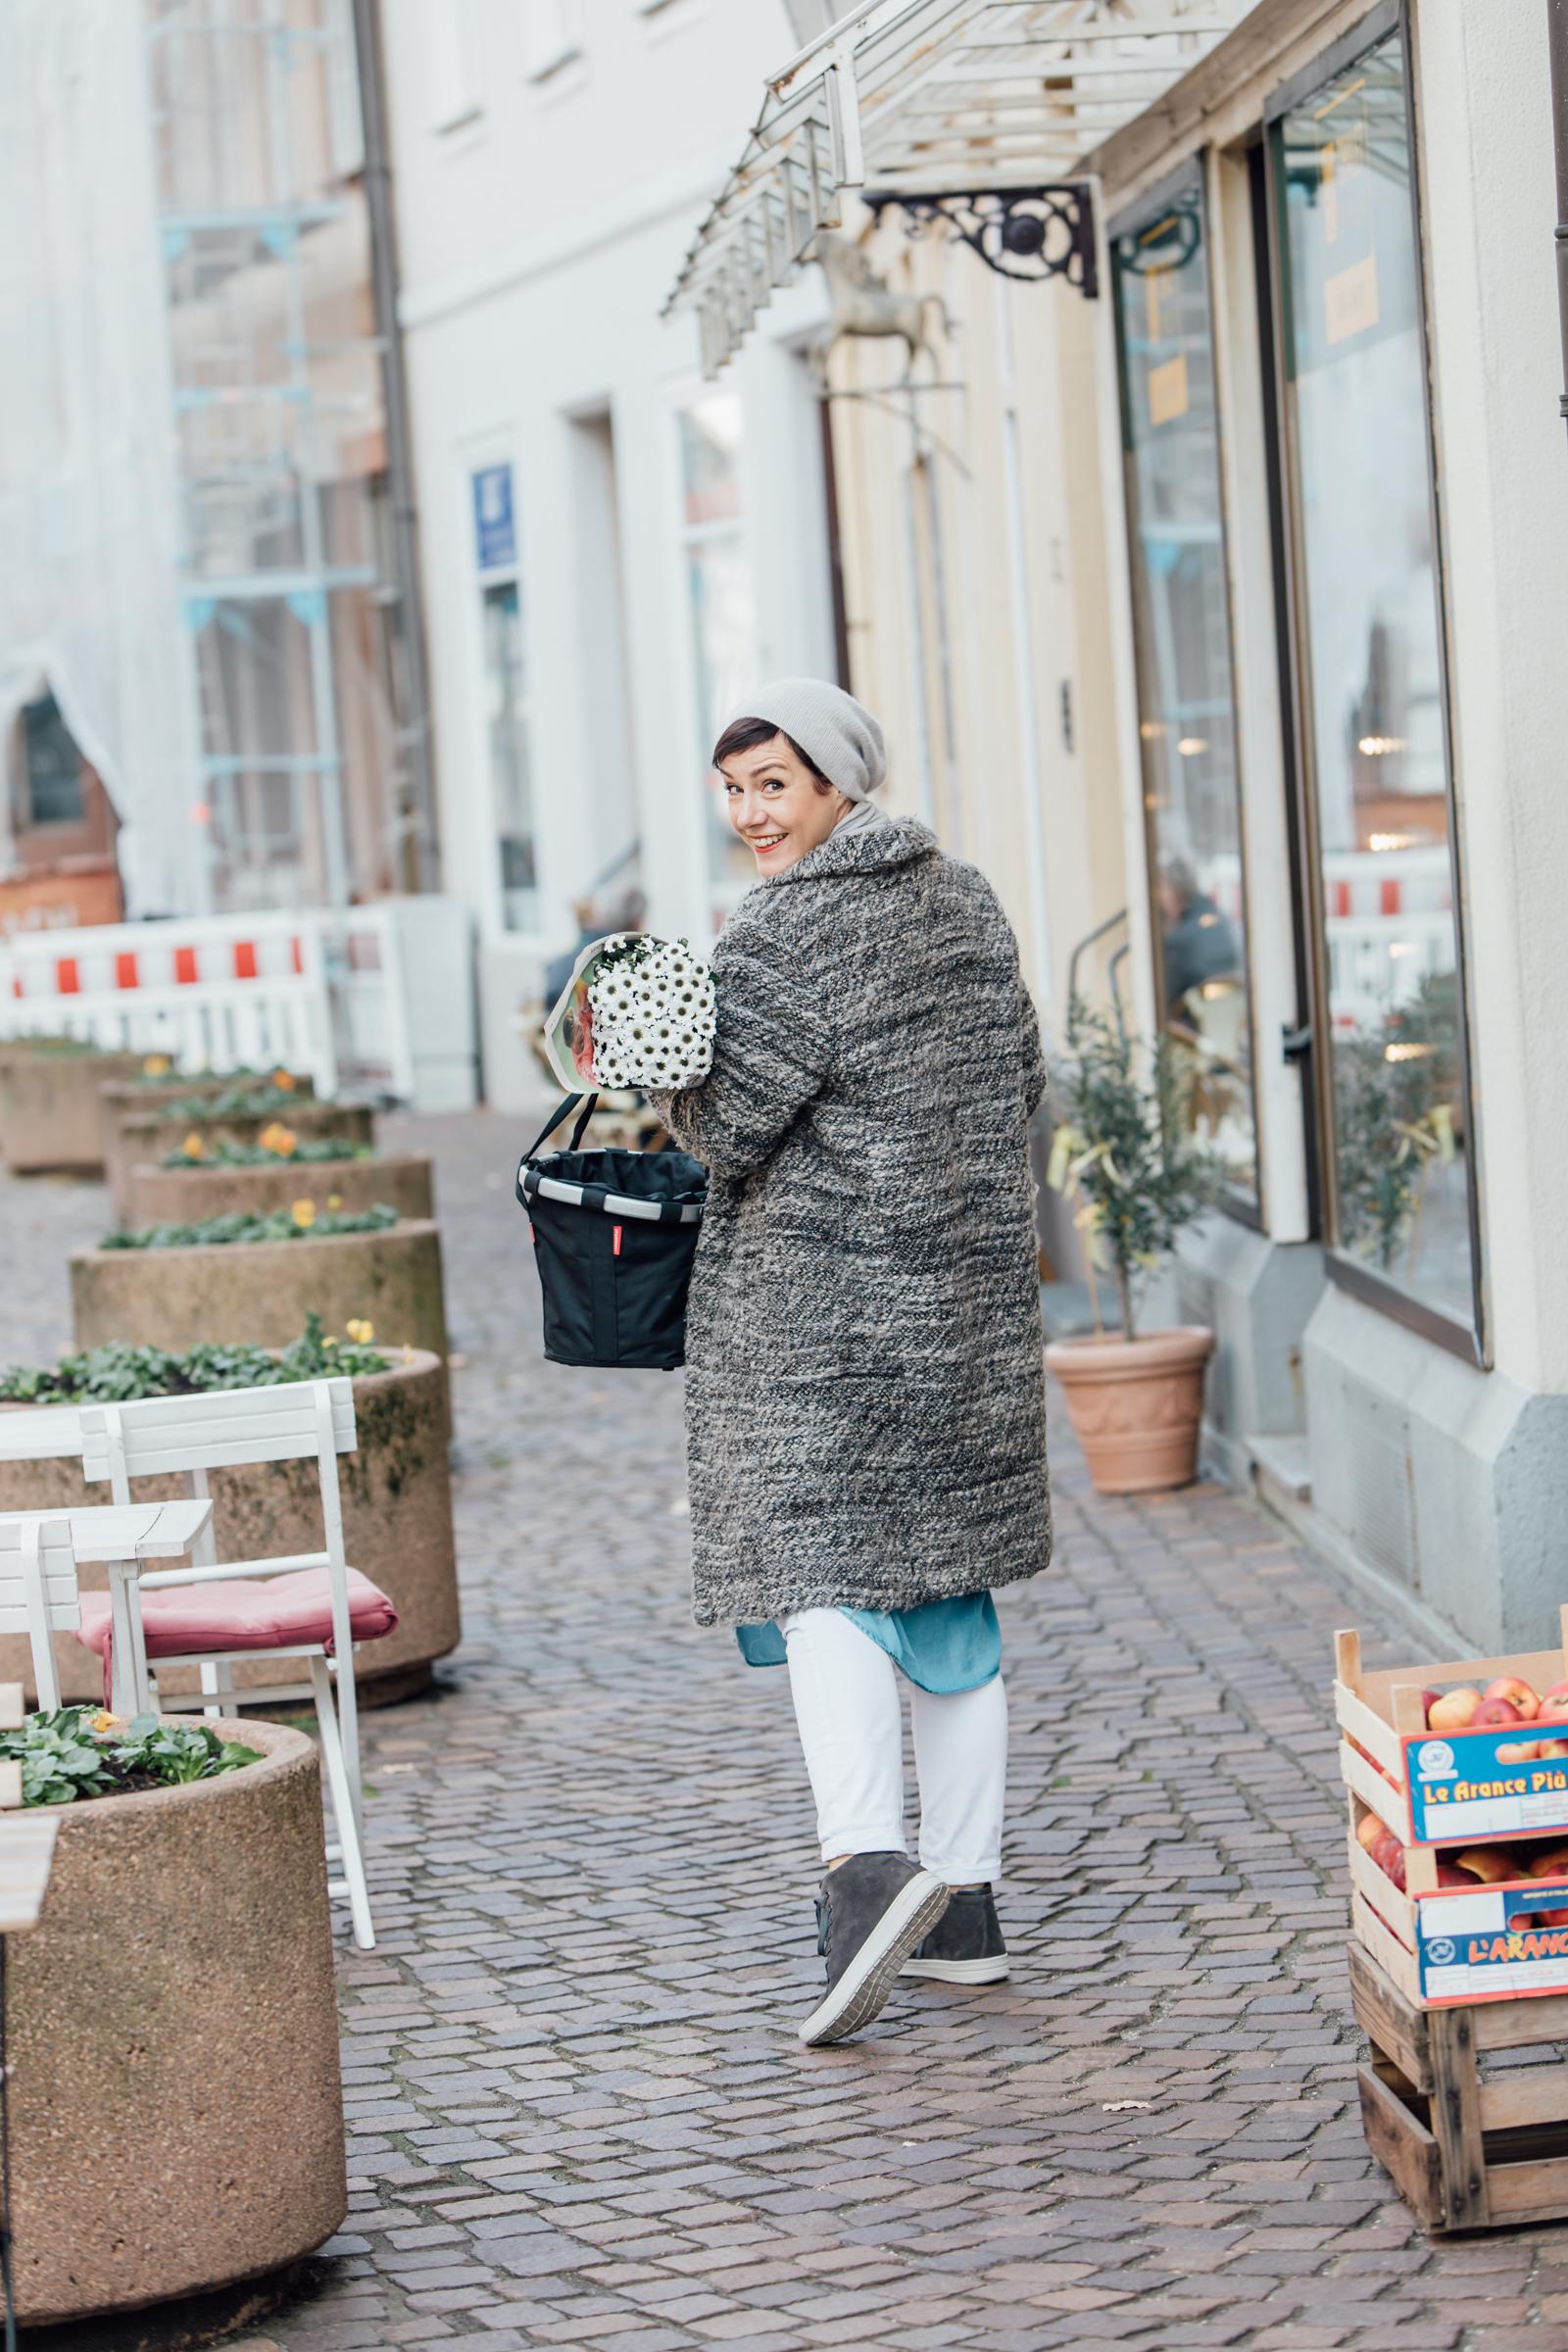 In Kooperation mit Hartjes-Schuhen entstand eine wunderbare Fotostrecke, in der Sie Schminktante Anja Frankenhäuser mit durch ihr neues Zuhause Karlsruhe nimmt.